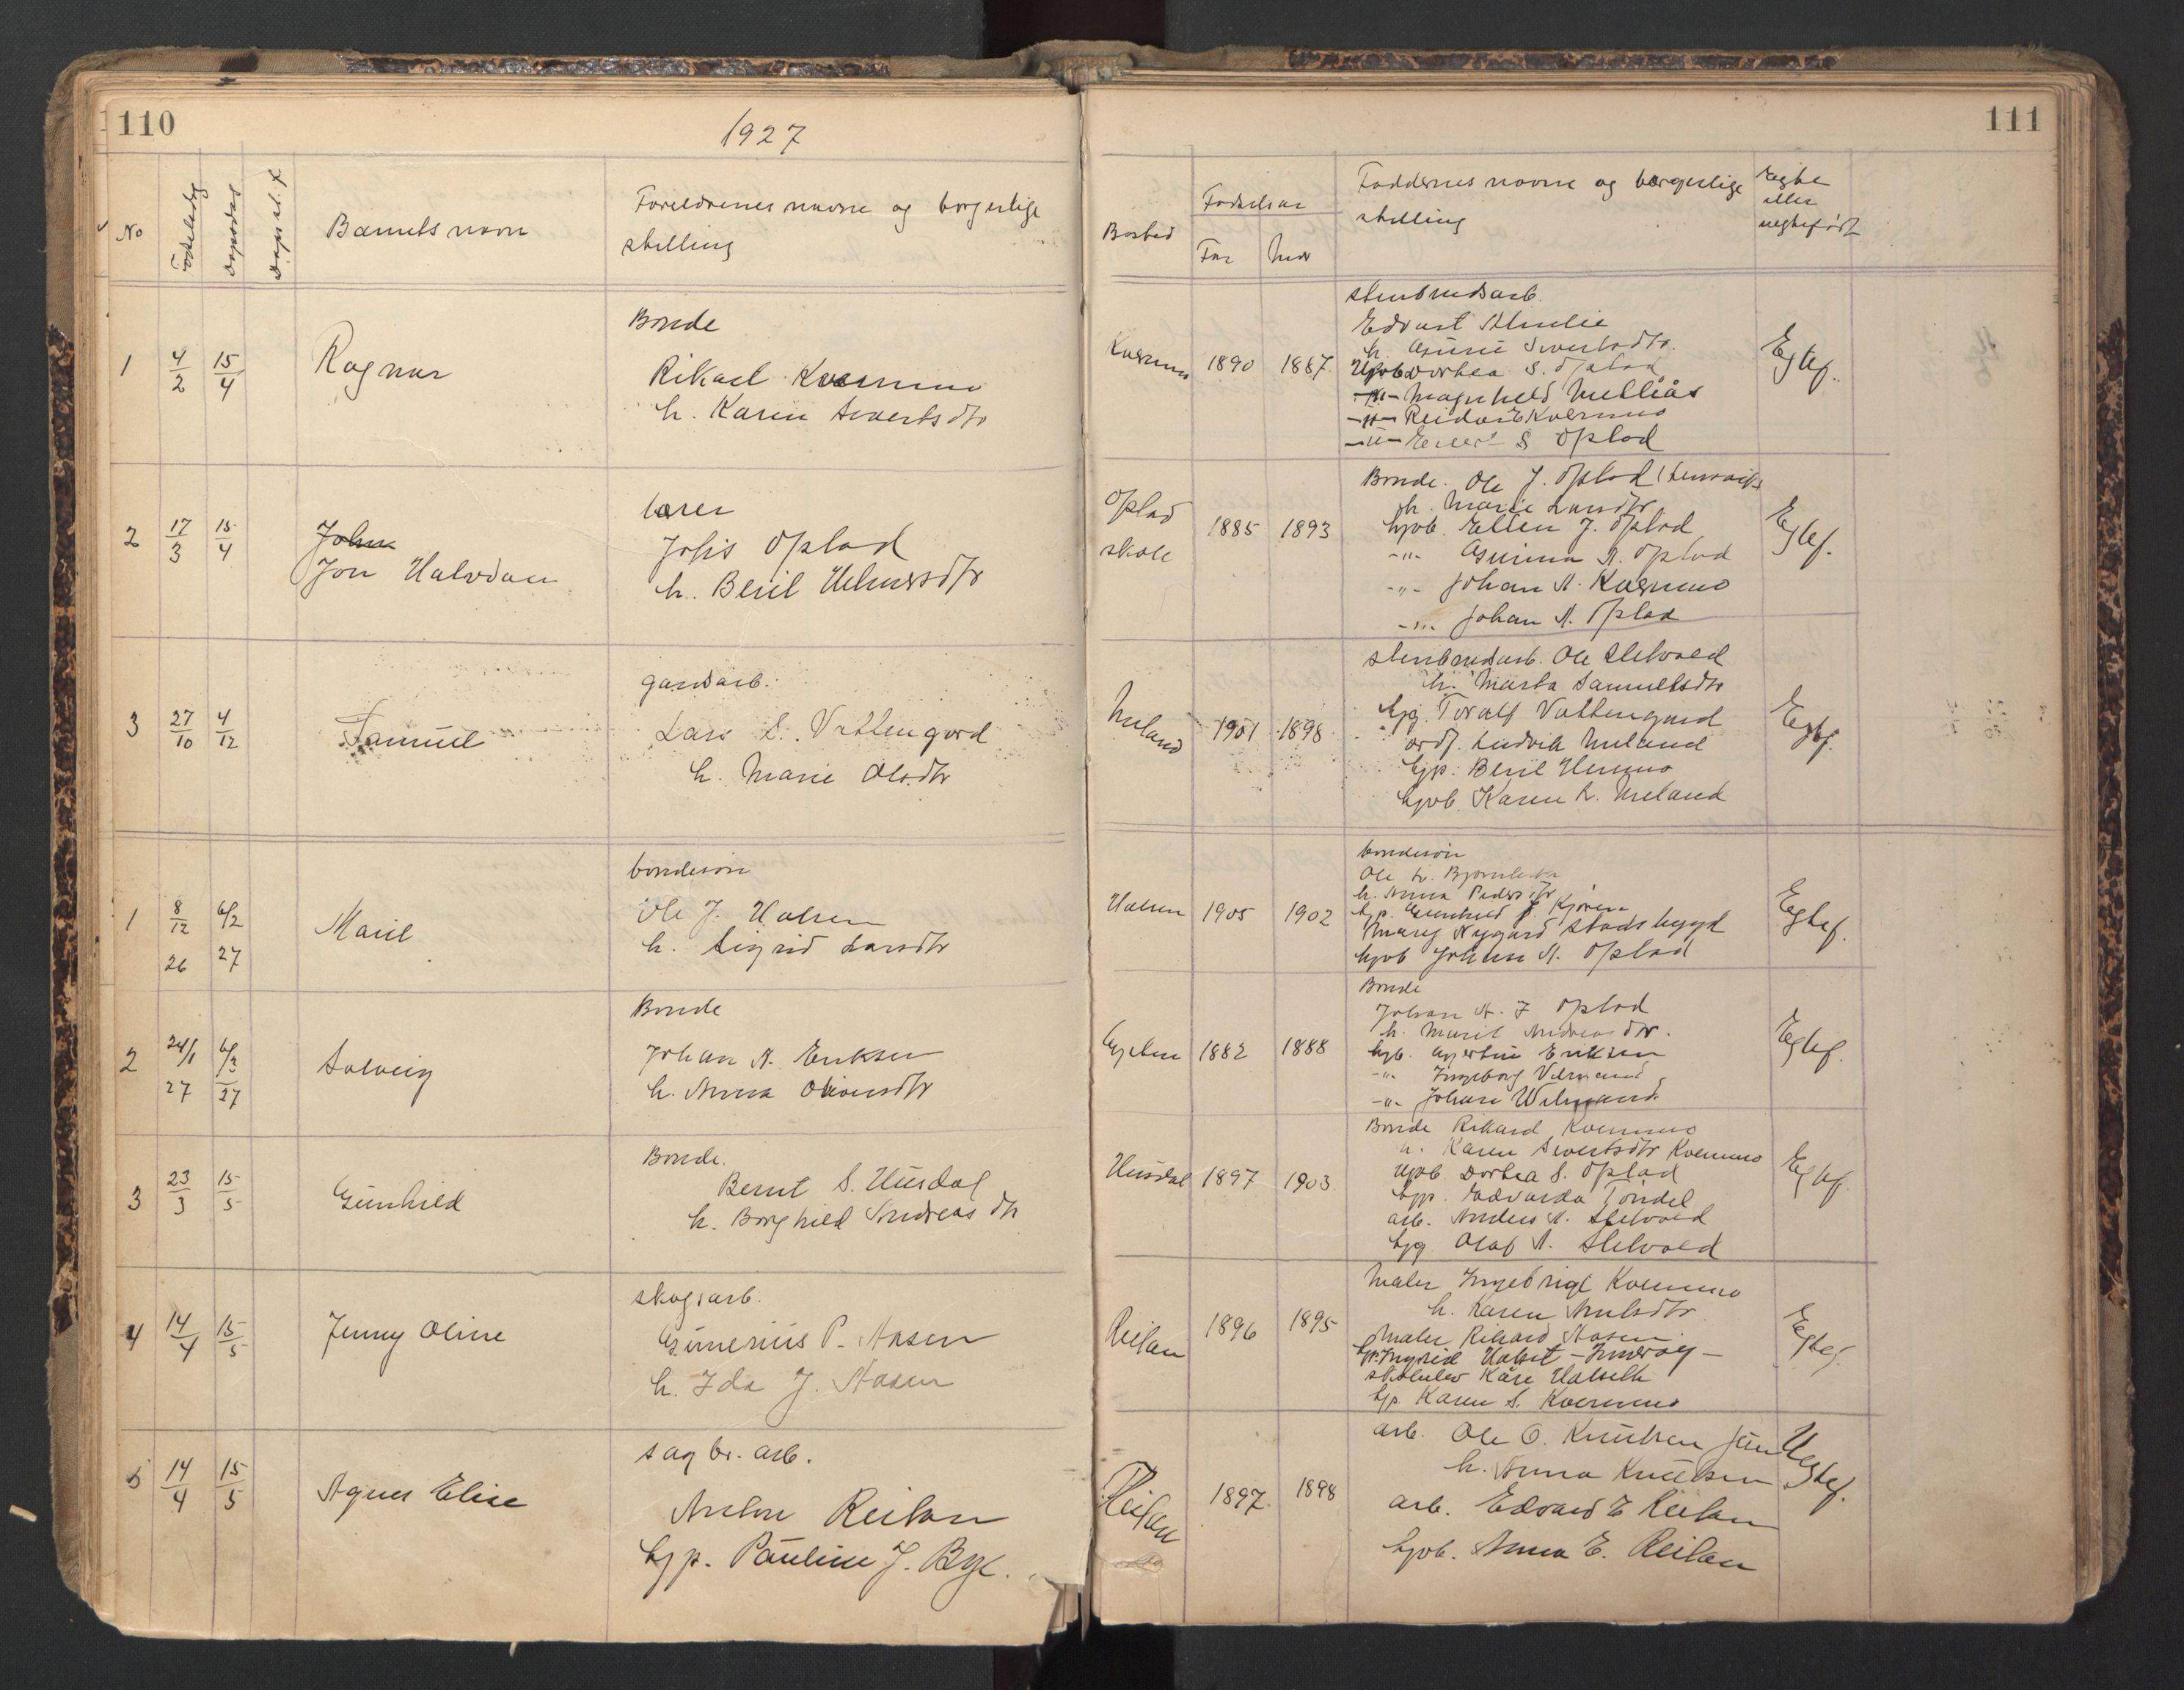 SAT, Ministerialprotokoller, klokkerbøker og fødselsregistre - Sør-Trøndelag, 670/L0837: Klokkerbok nr. 670C01, 1905-1946, s. 110-111